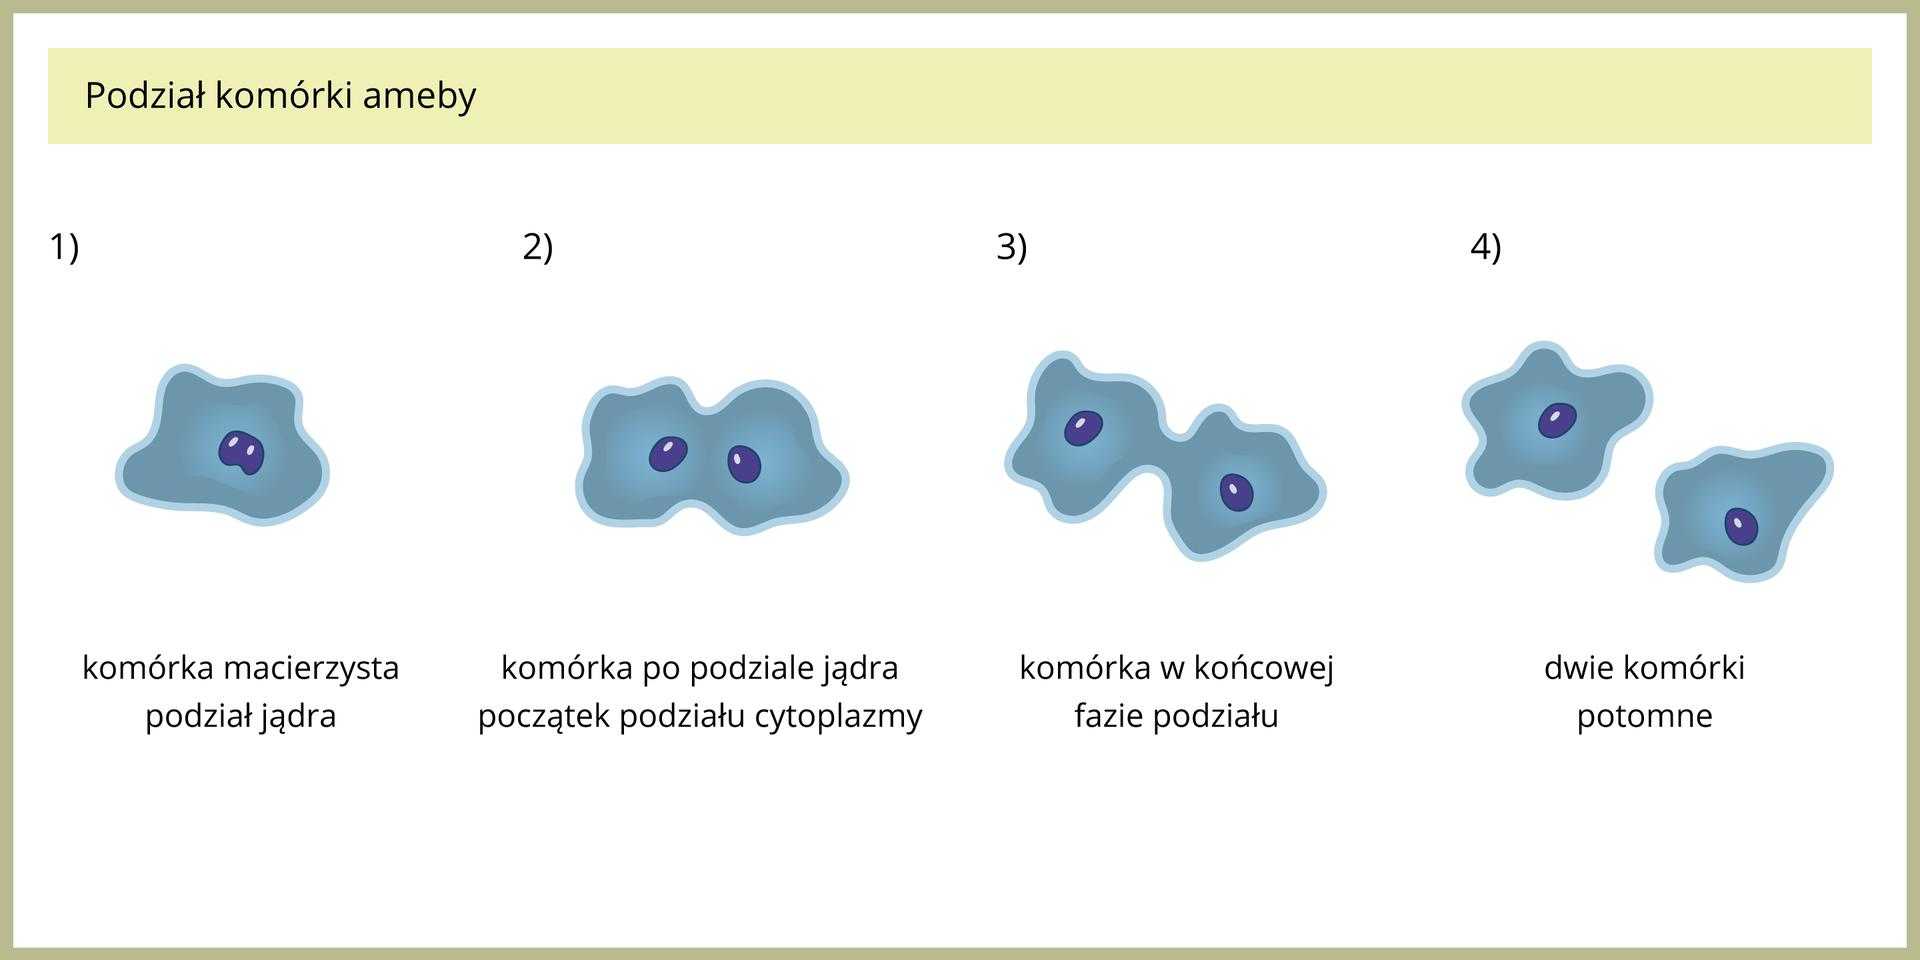 Ilustracja przedstawia niebieskie komórki zciemnymi jądrami komórkowymi. Ukazano je wtrakcie rozmnażania przez podział wczterech fazach. Wpierwszej od lewej jądro komórkowe zaczyna się rozrastać. Wdrugiej są już dwa jądra, akomórka wydłuża się izwęża. Trzeci rysunek przedstawia komórkę zdwoma jądrami komórkowymi, mocno zwężoną wśrodku. Na końcu ukazano dwie komórki.